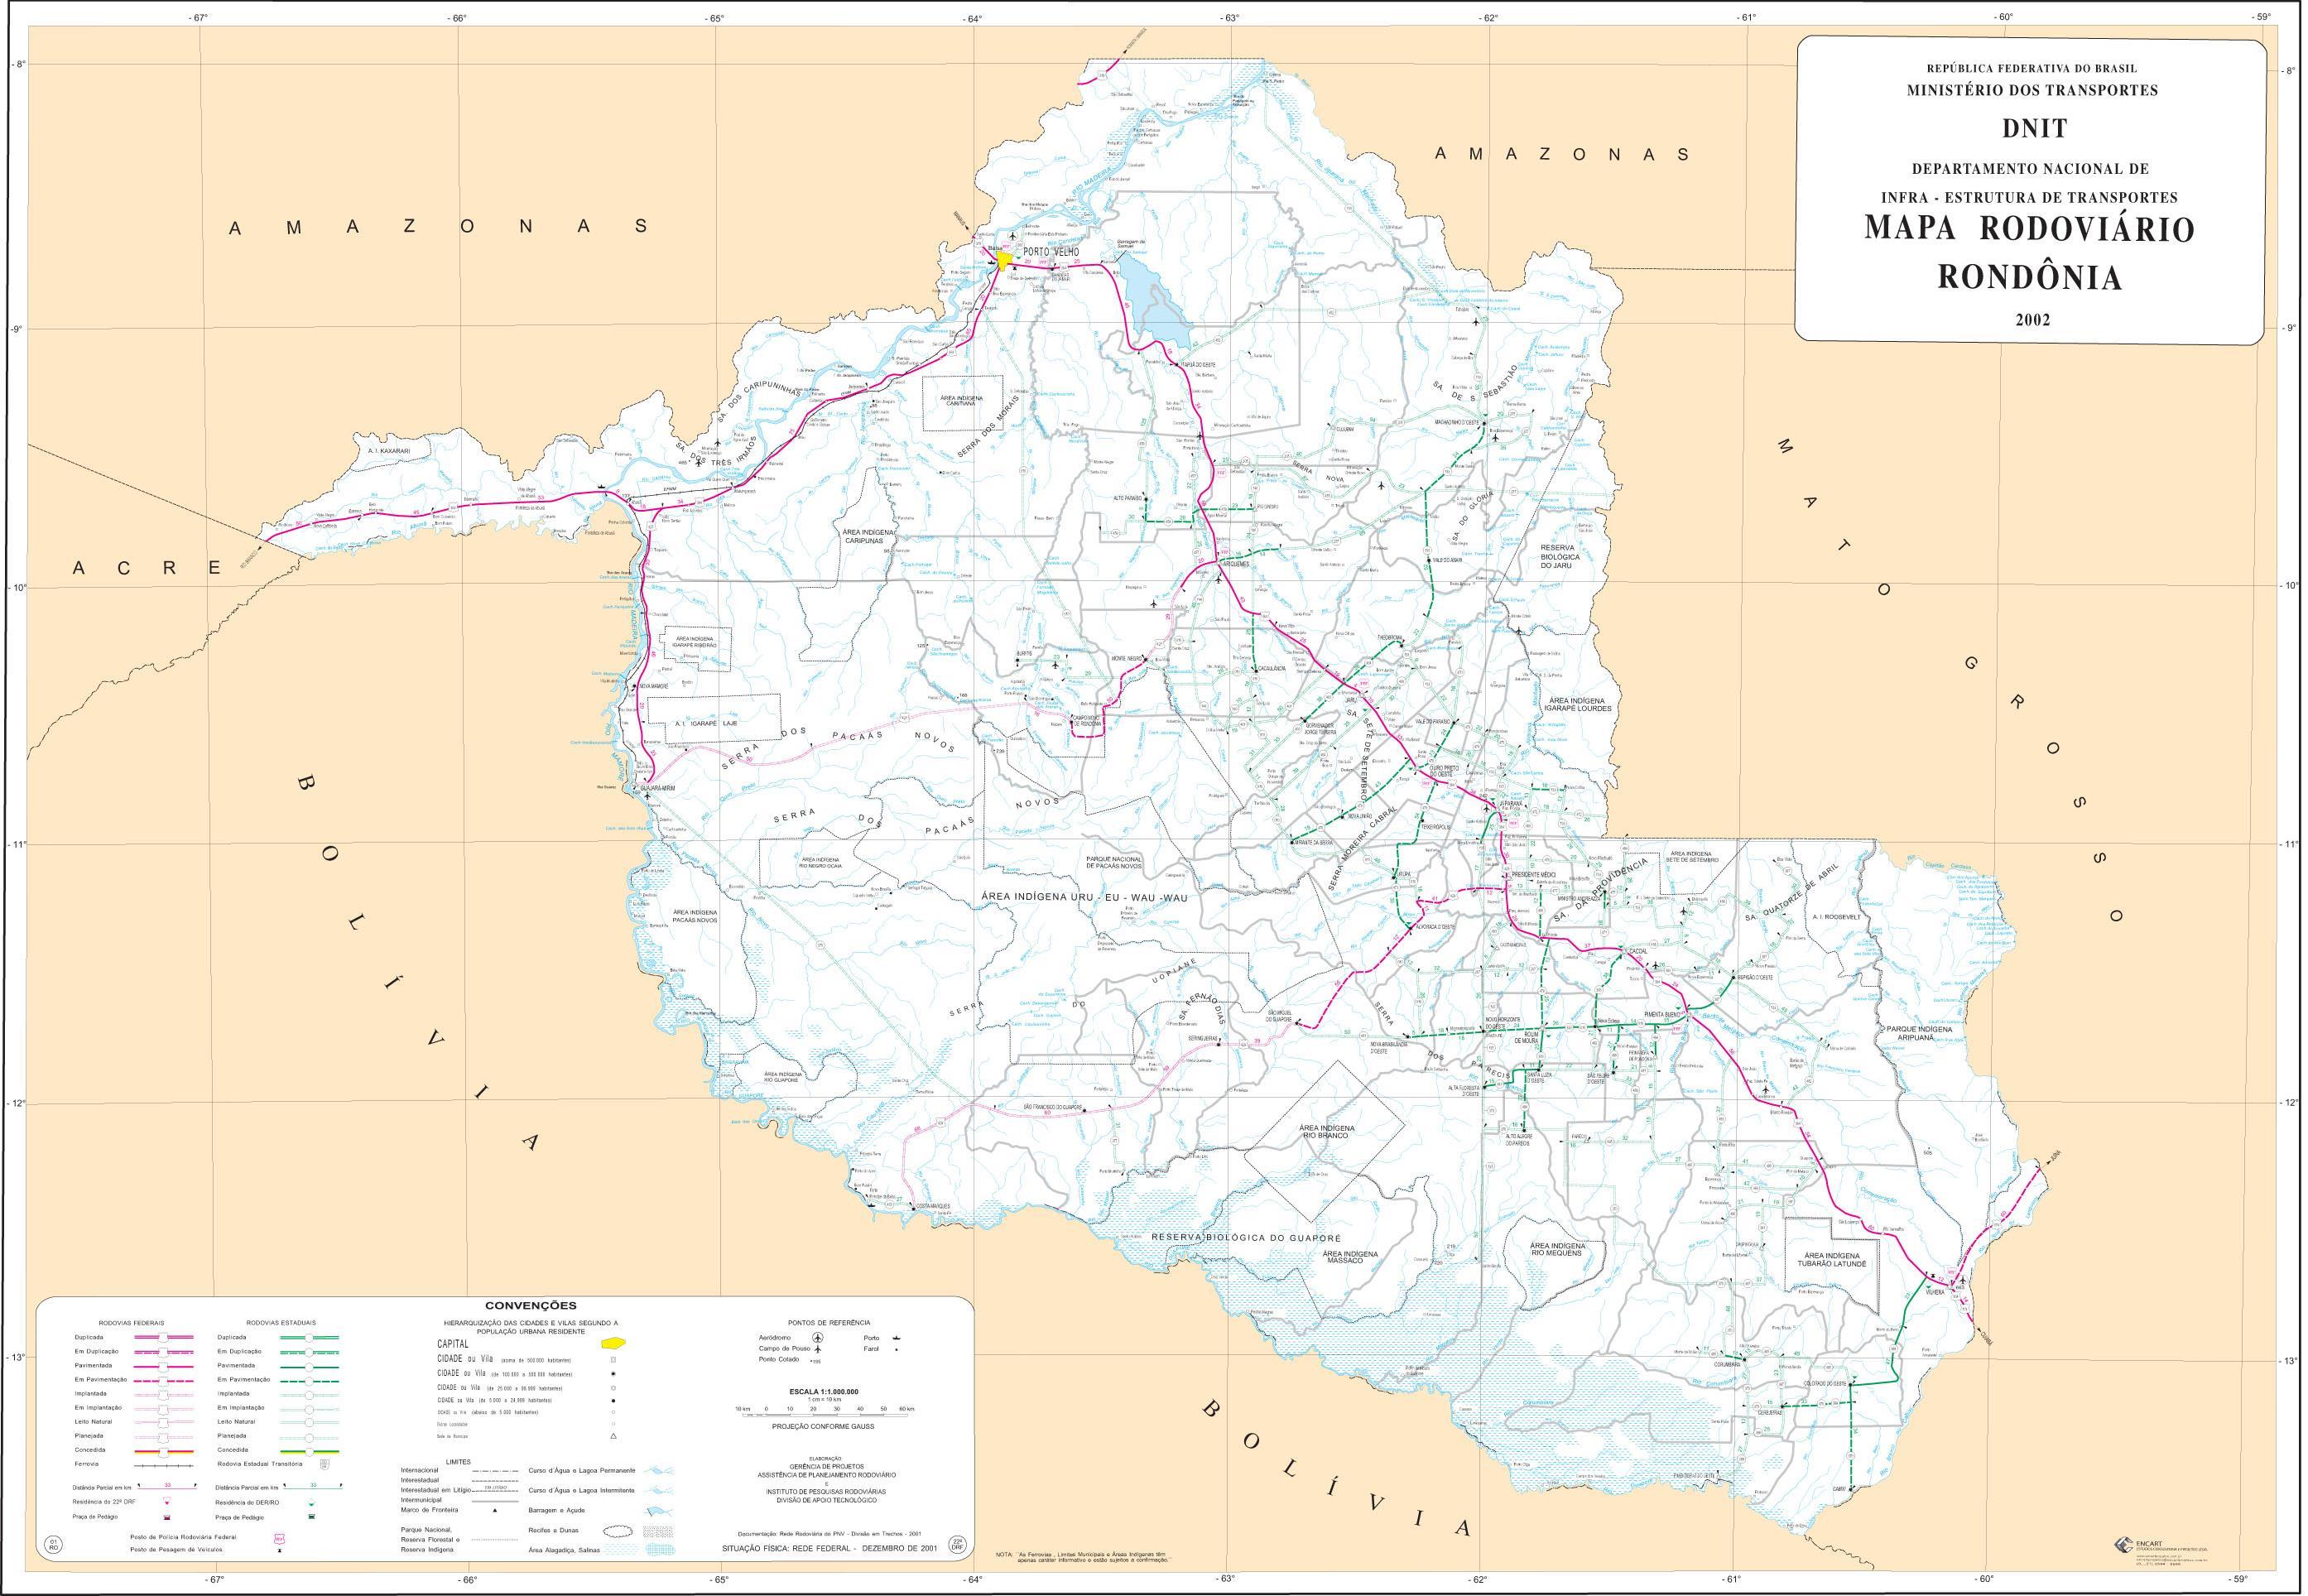 Mapa de Carreteras Federales y Estatales del Edo. de Rondônia, Brasil